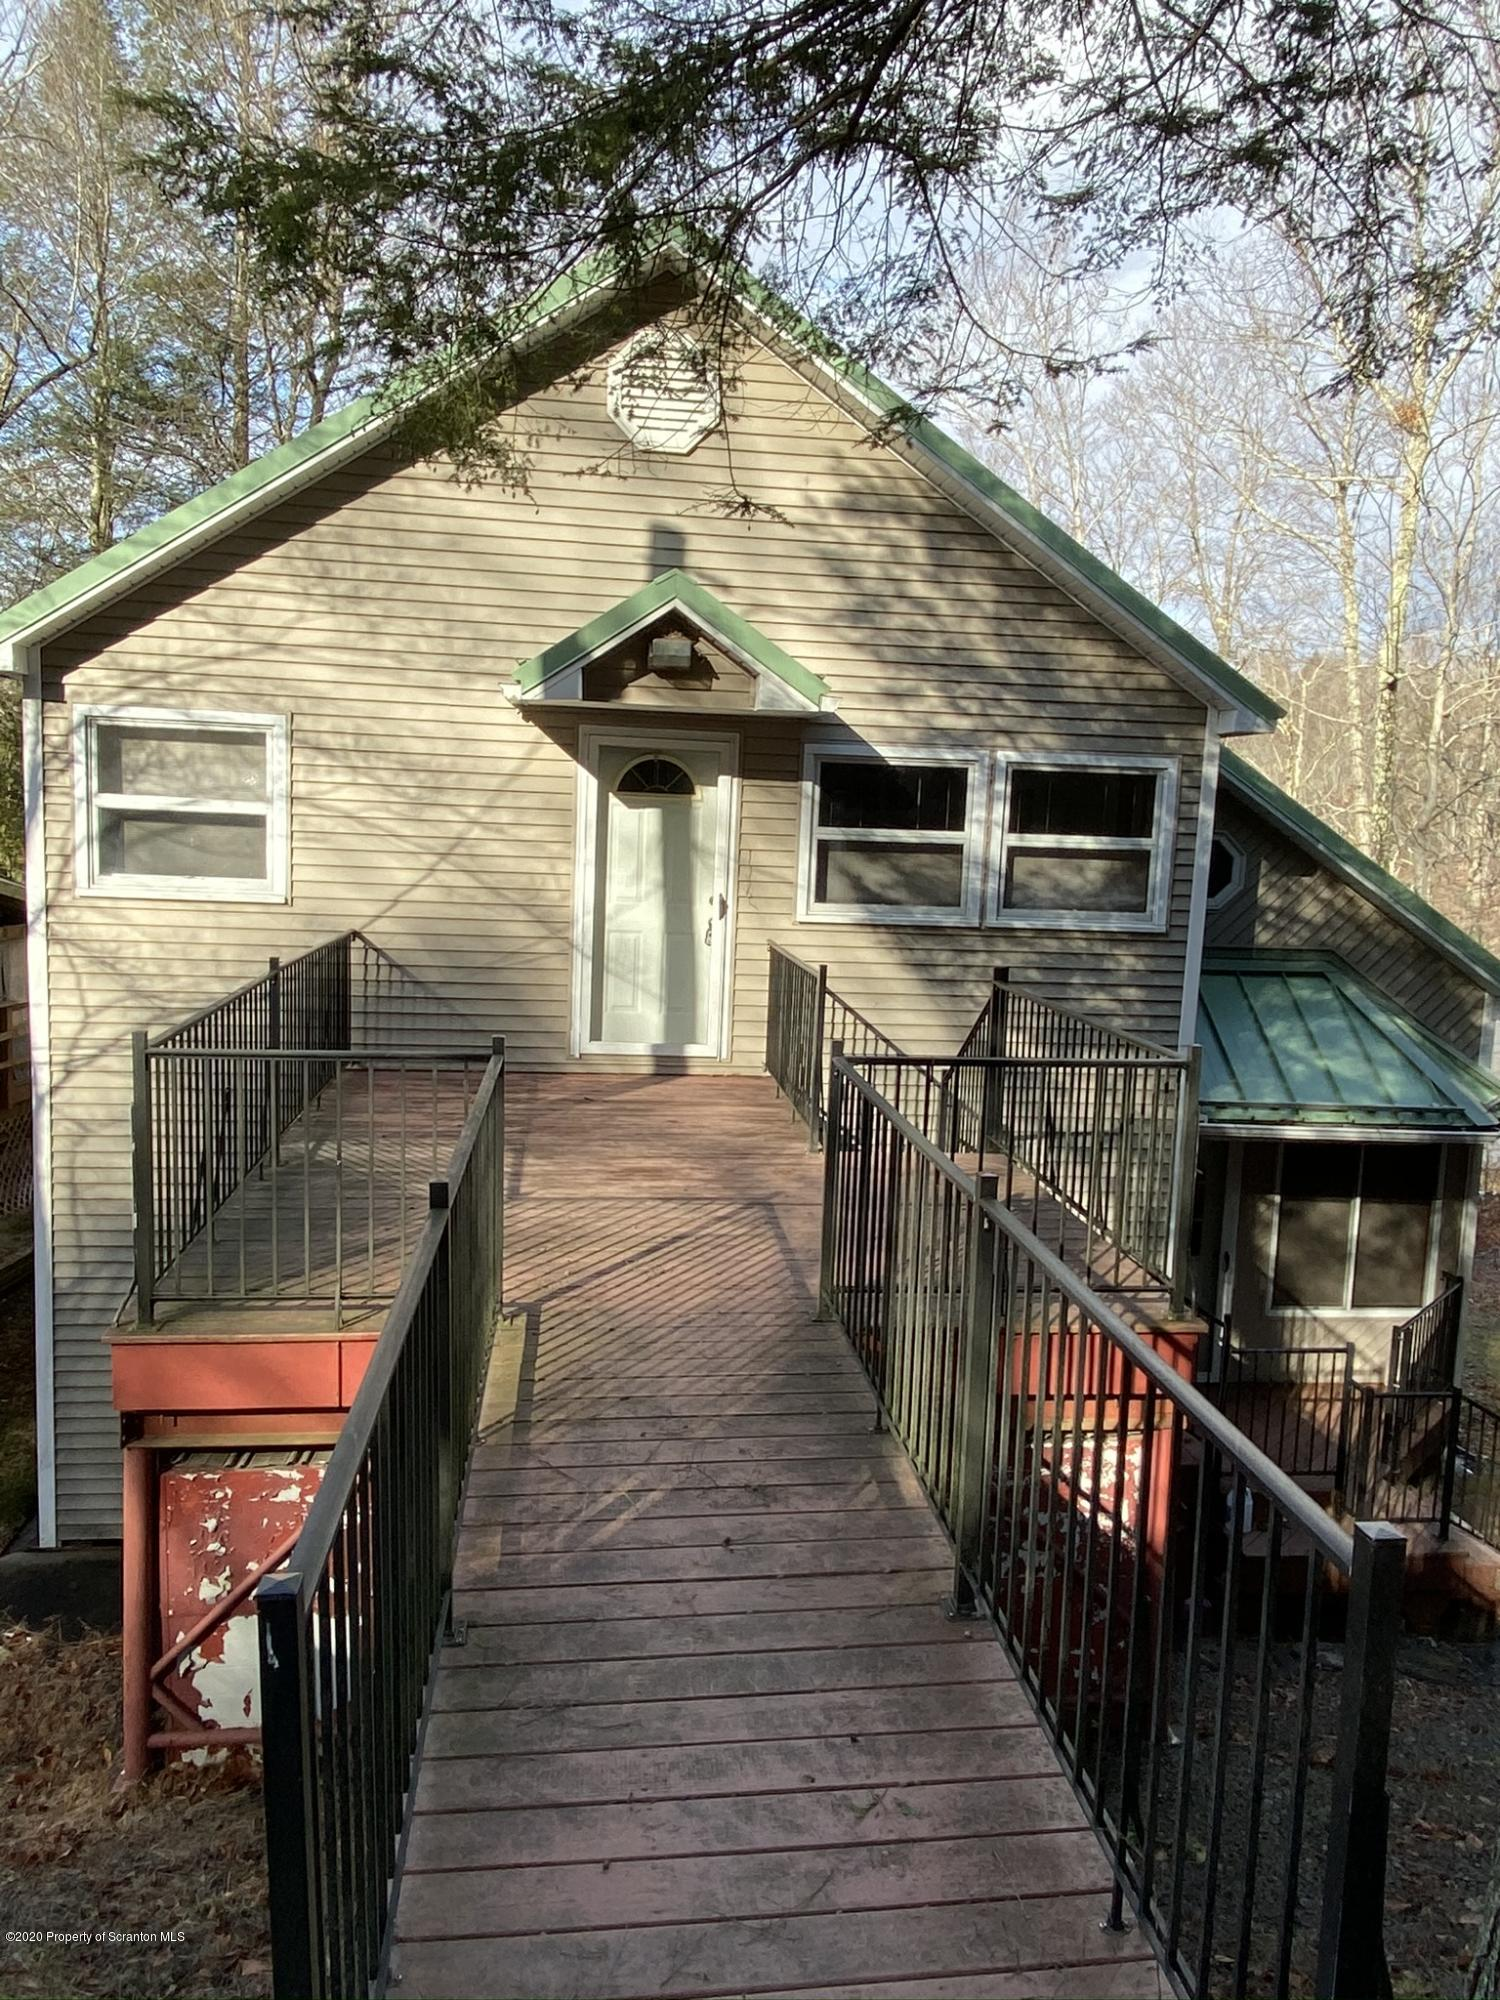 127 Riverside Dr, Greentown, Pennsylvania 18426, 2 Bedrooms Bedrooms, 7 Rooms Rooms,2 BathroomsBathrooms,Single Family,For Sale,Riverside Dr,19-5689